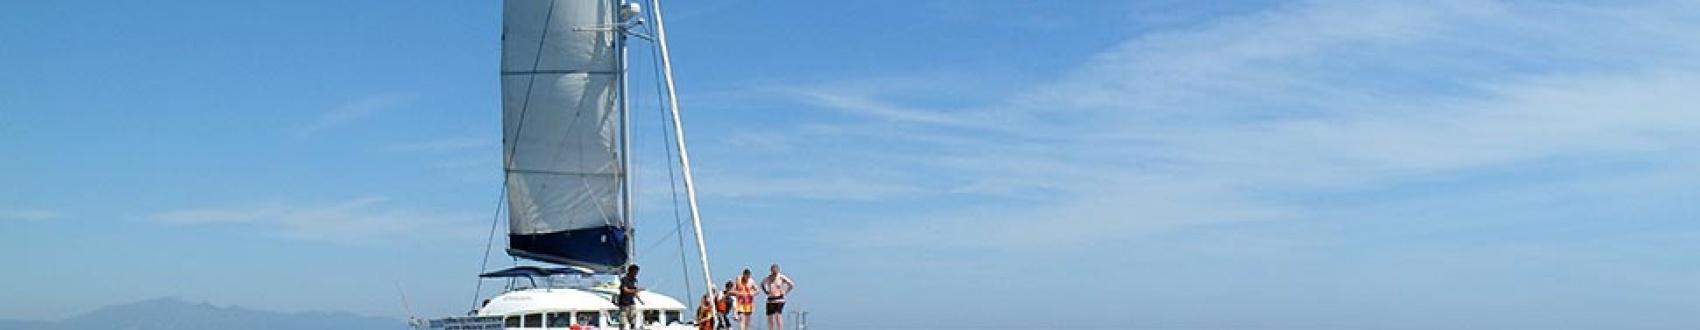 Transport - Czartery Jachtów i Rejsy Morskie Last Minute Jachtem na Morzu ¦ródziemnym TUI | Geo-Sail